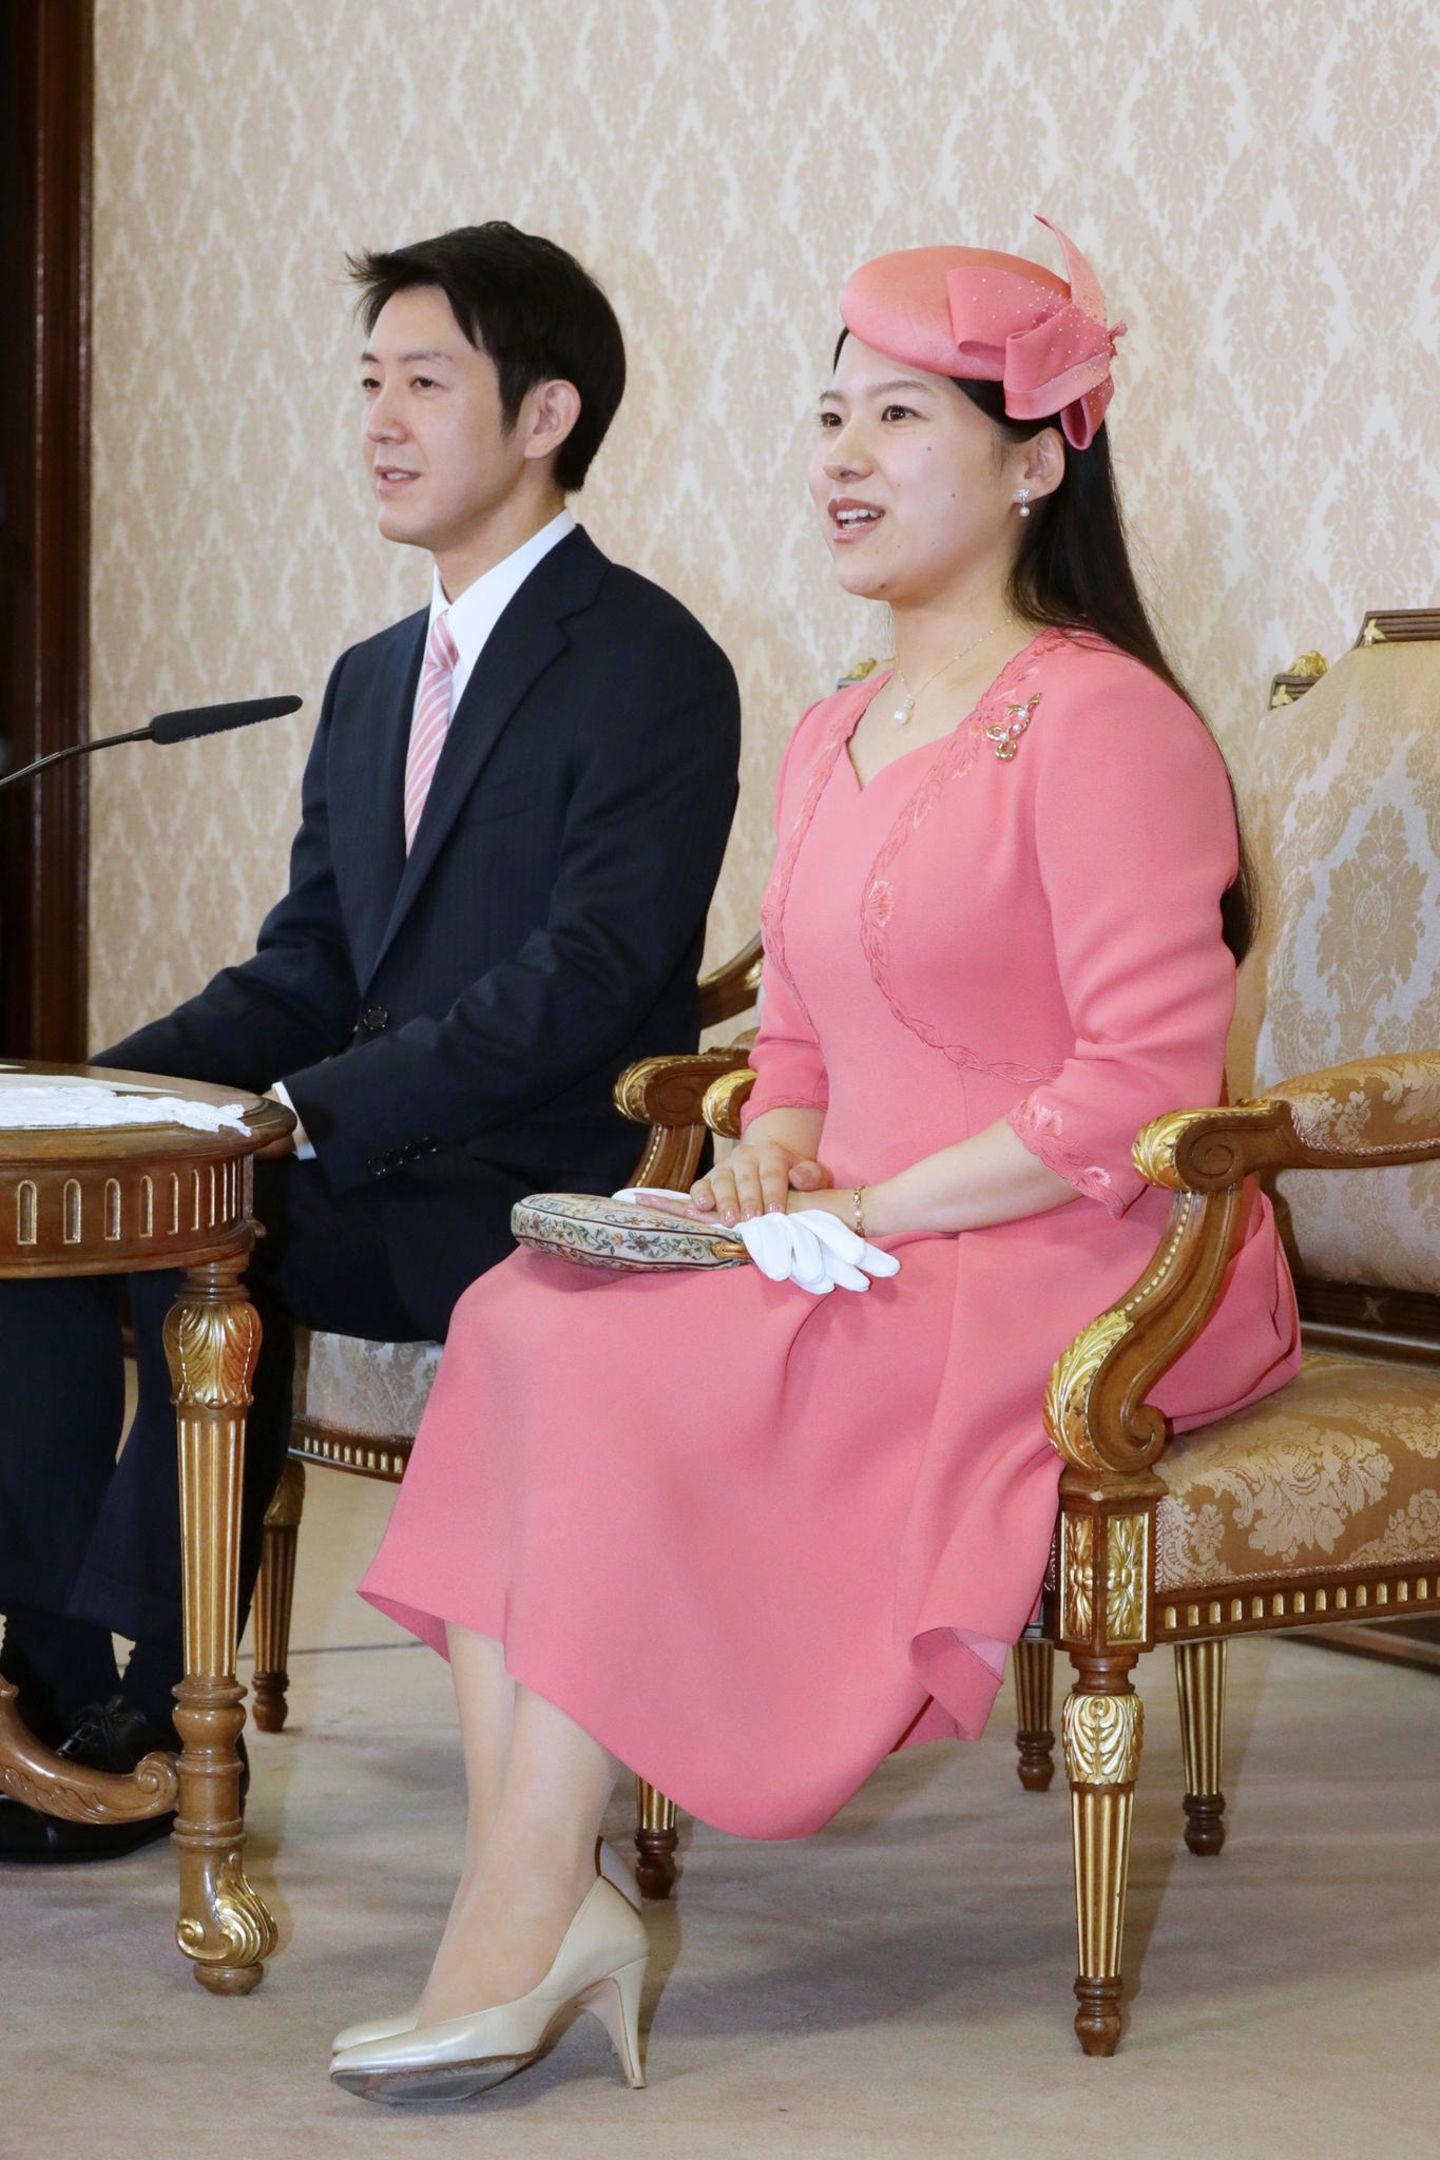 2. Juli 2018  Prinzessin Ayako zeigt sich bei der Pressekonferenz zu ihrer Verlobung mit dem Bürgerlichen Kei Moriya sehr fröhlich in kräftigem Rosa mit passenden Pillowbox-Hütchen. Für ihre große Liebe verzichtet die Prinzessin auf ihren Titel.